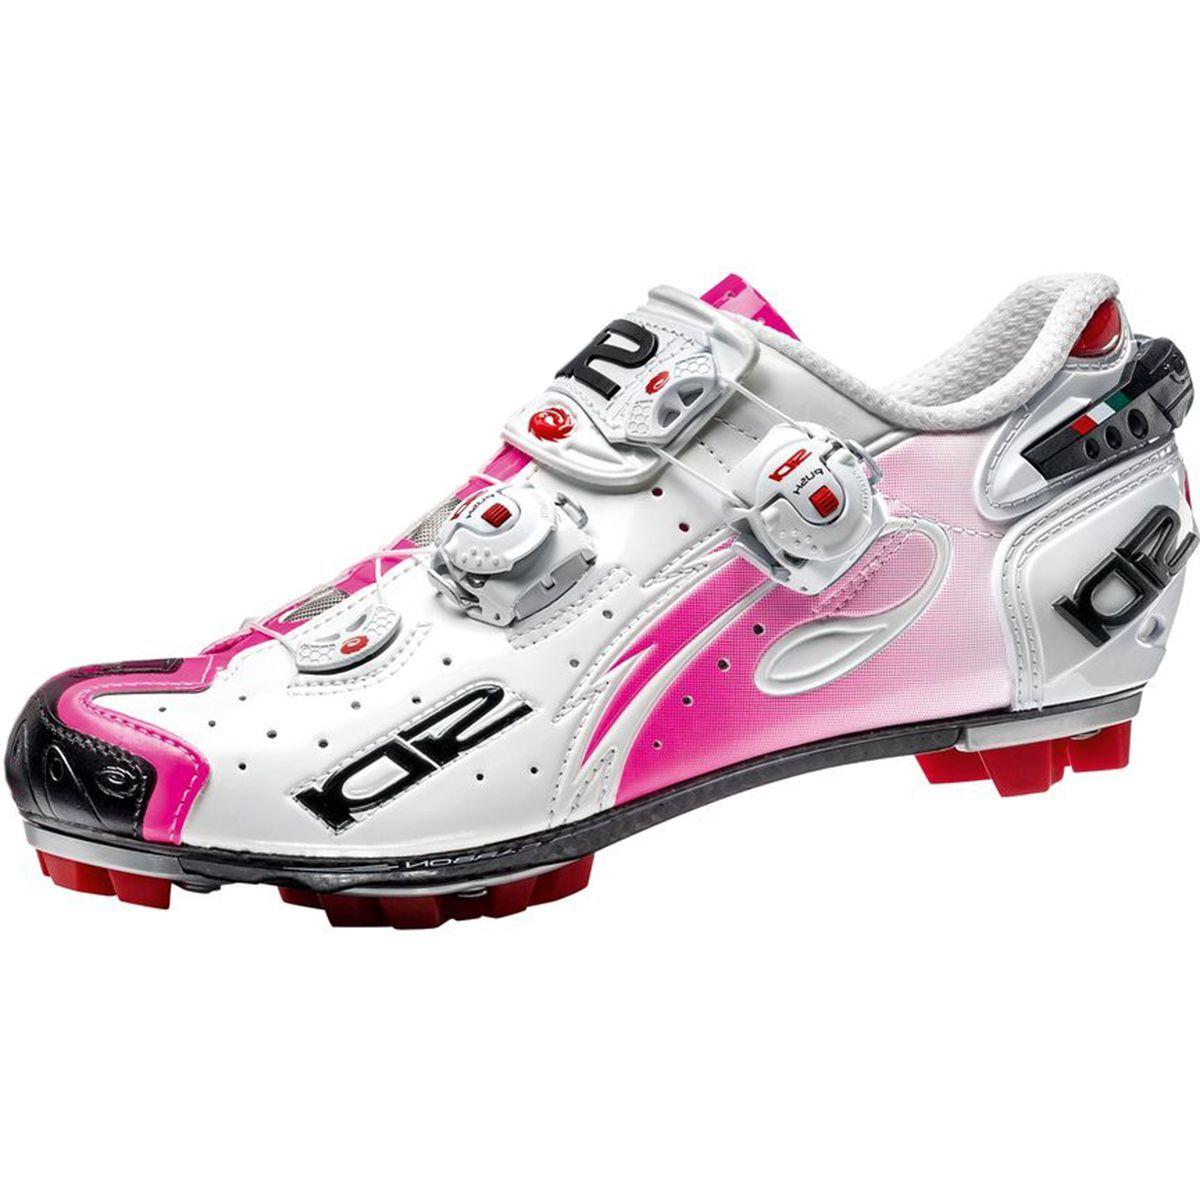 Sidi Drako SRS Push Cycling Shoe - Women's